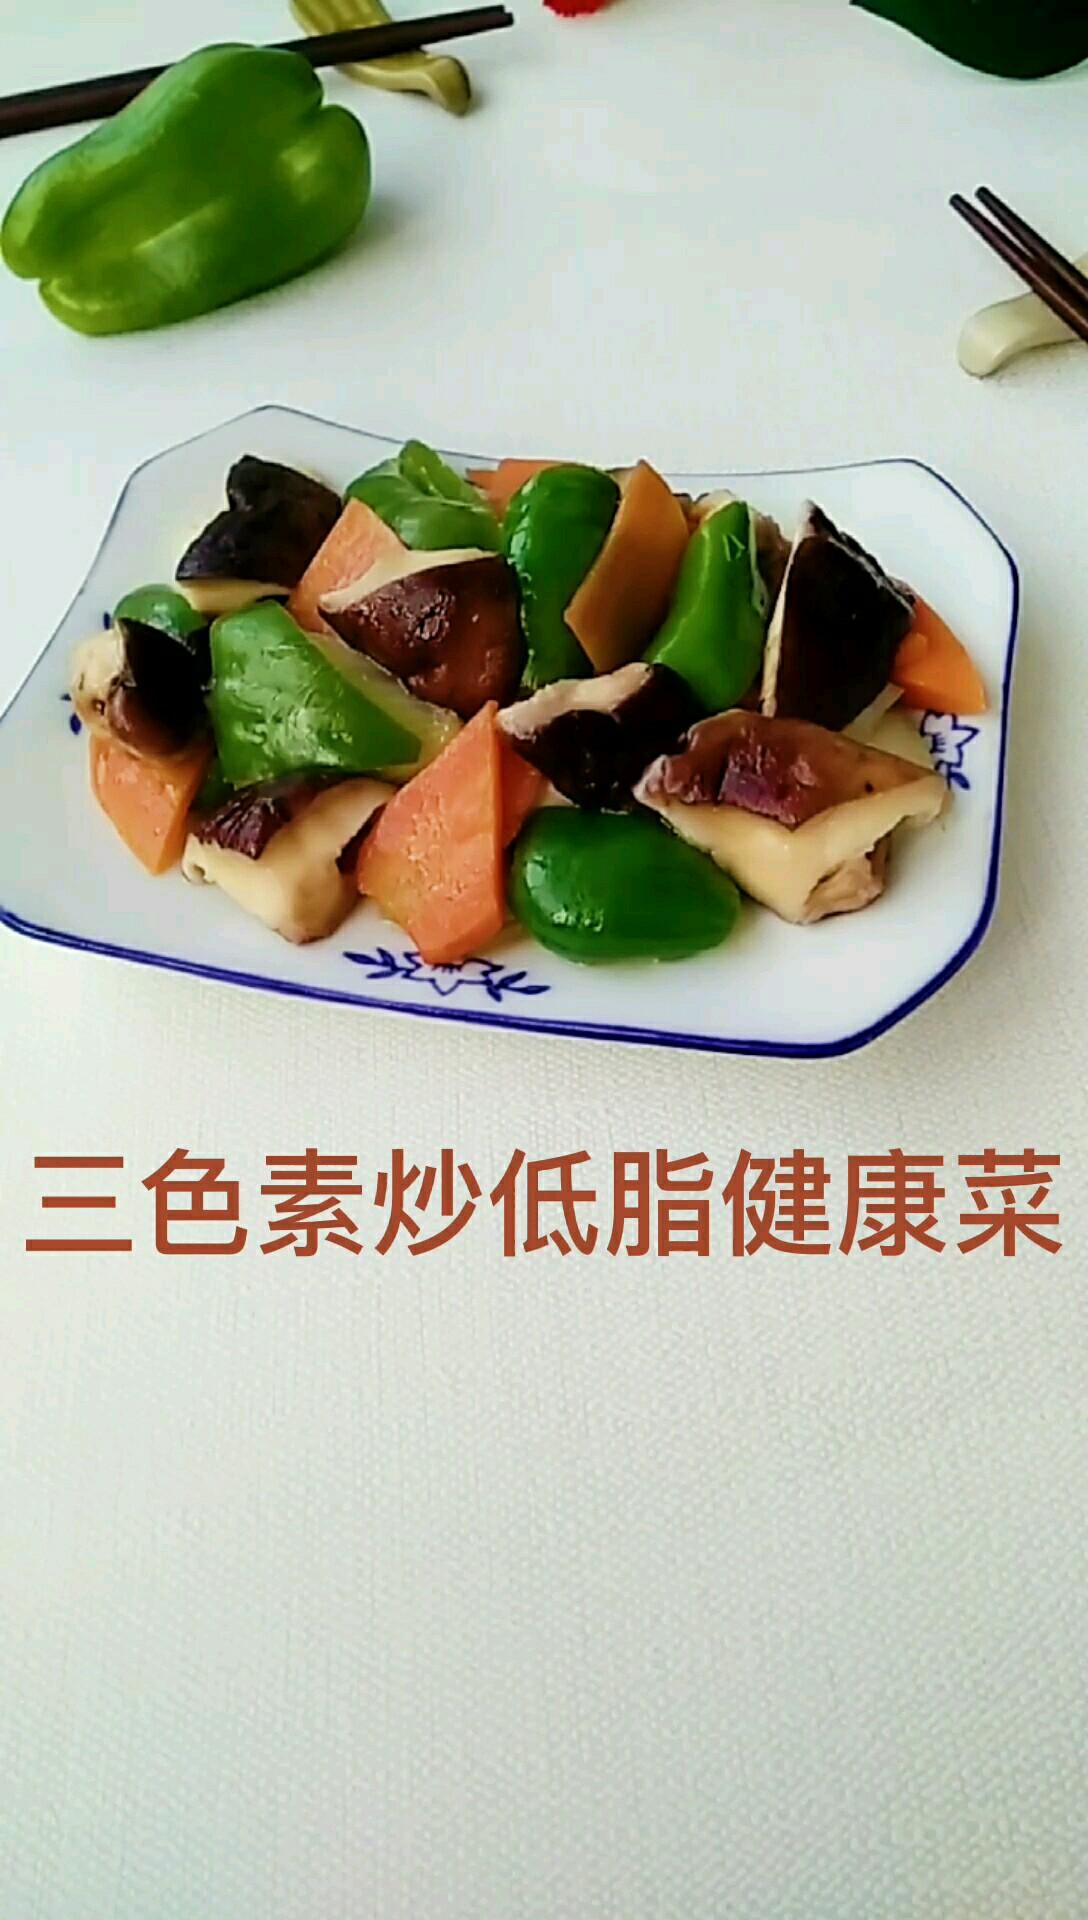 三色素炒低脂健康菜